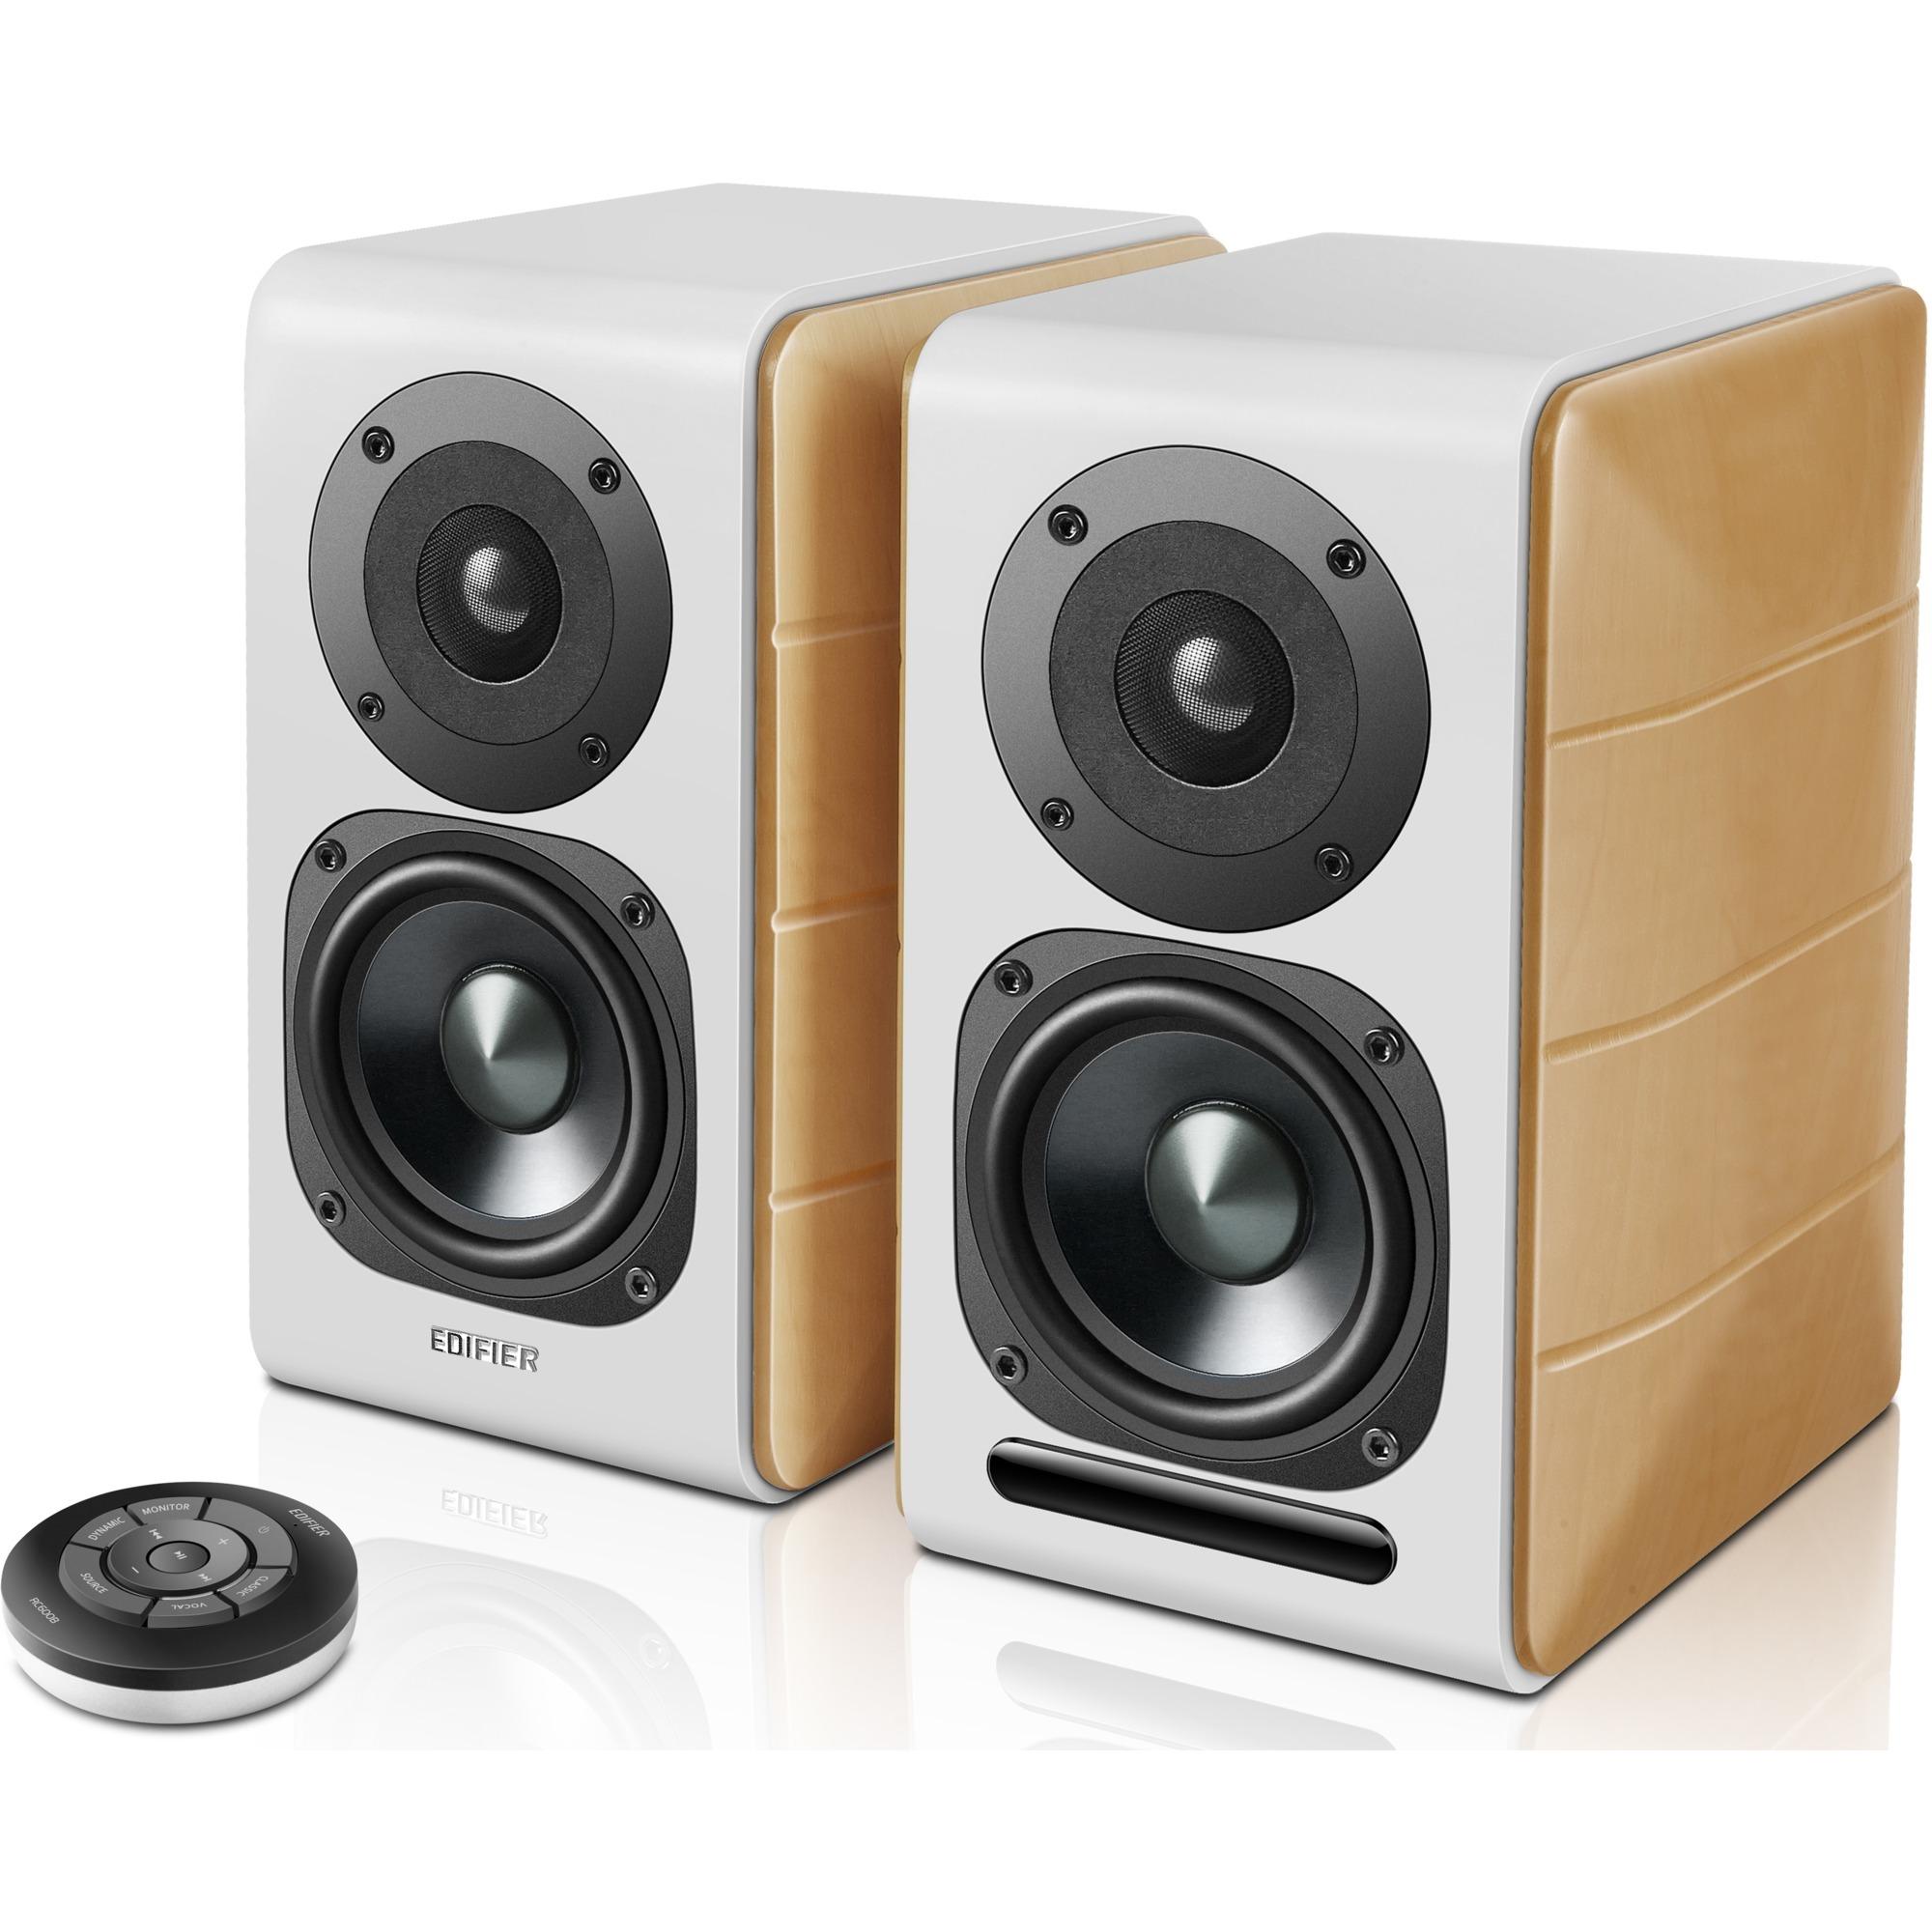 S880DB altavoz De 2 vías 88 W Blanco, Madera Inalámbrico y alámbrico 3,5mm/Bluetooth